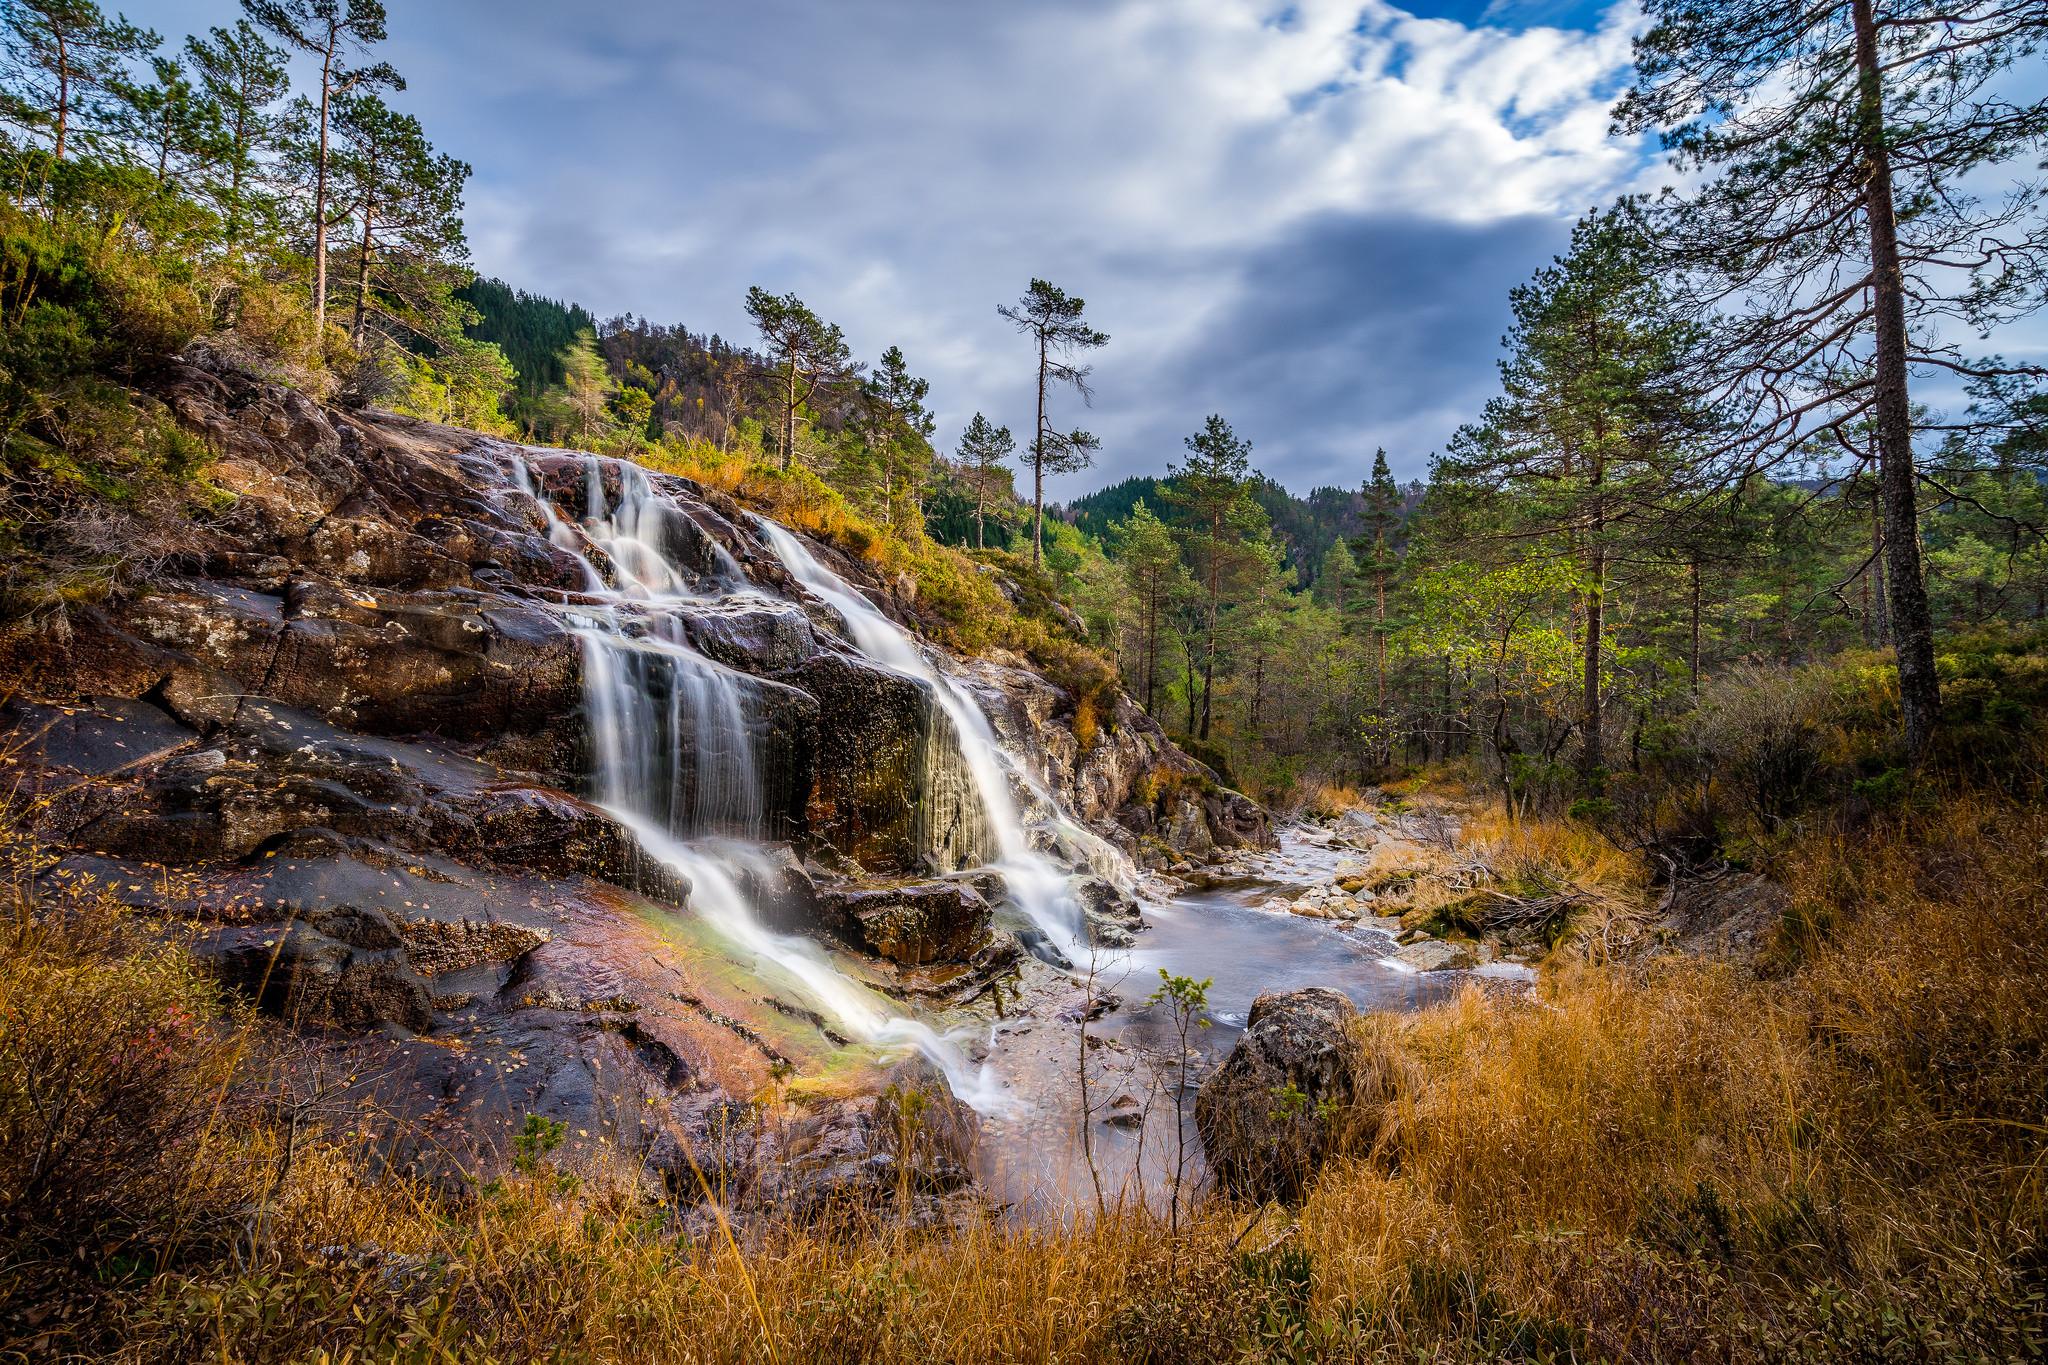 обои Norwegian Fall, водопад, скалы, лес картинки фото